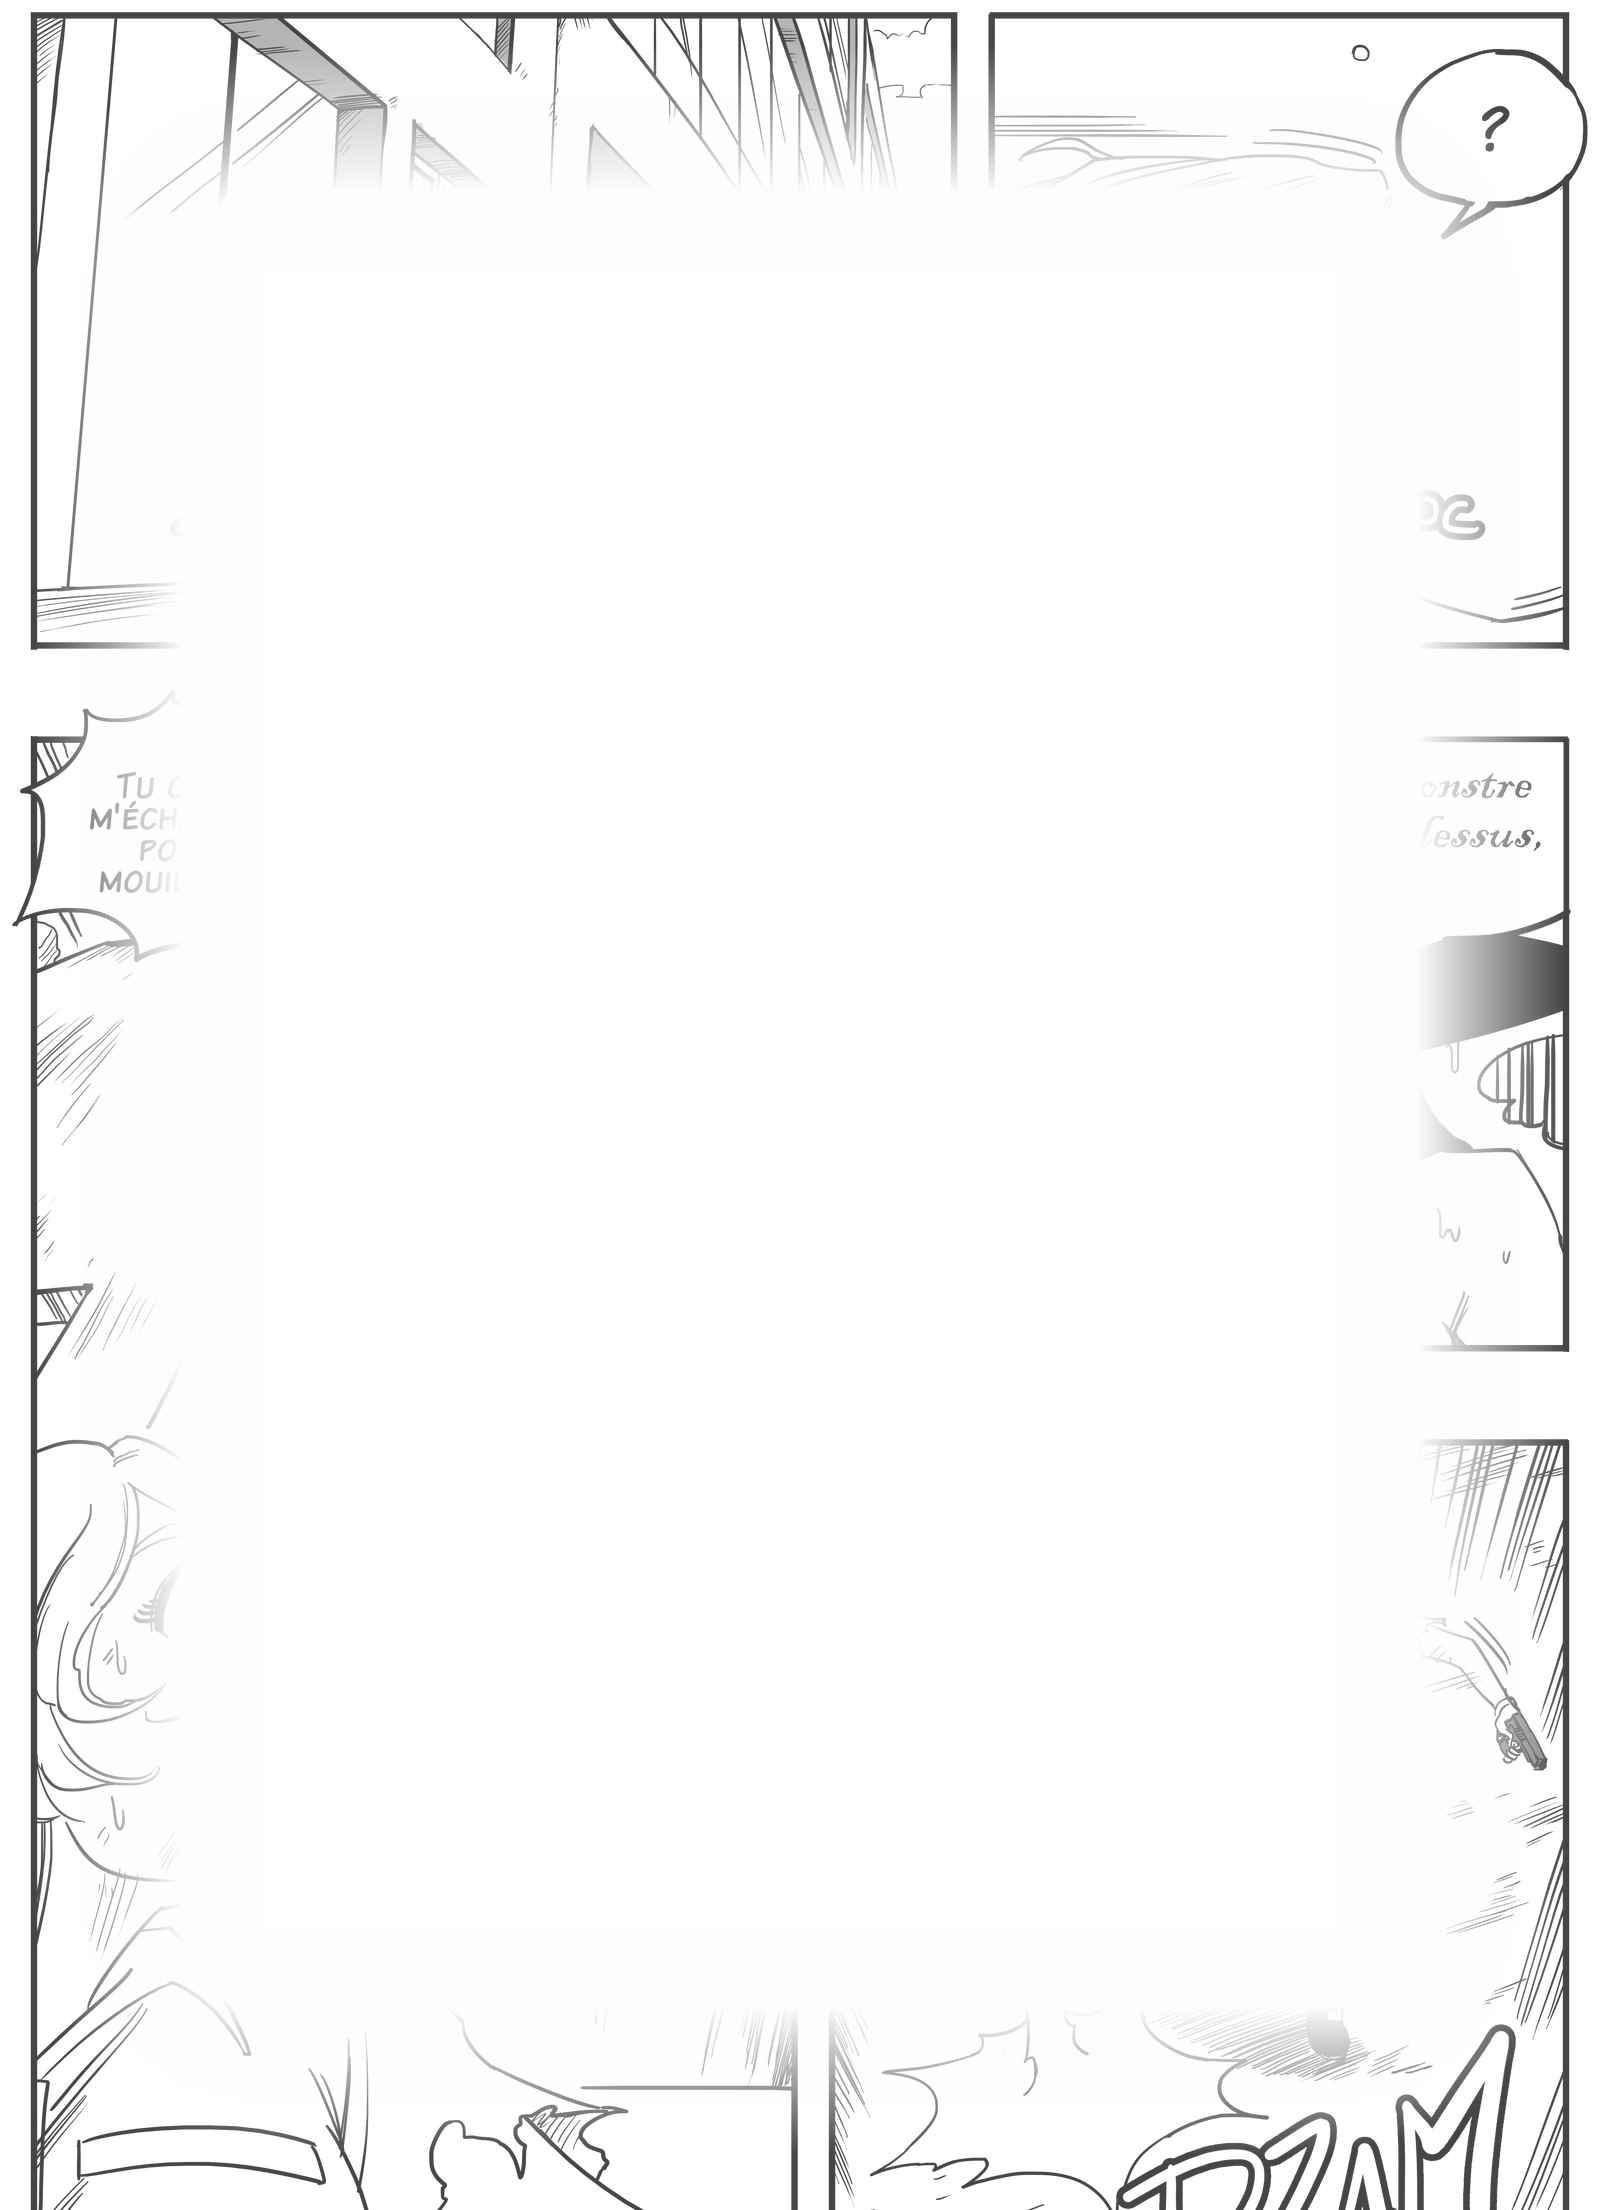 Hémisphères : Chapitre 16 page 19